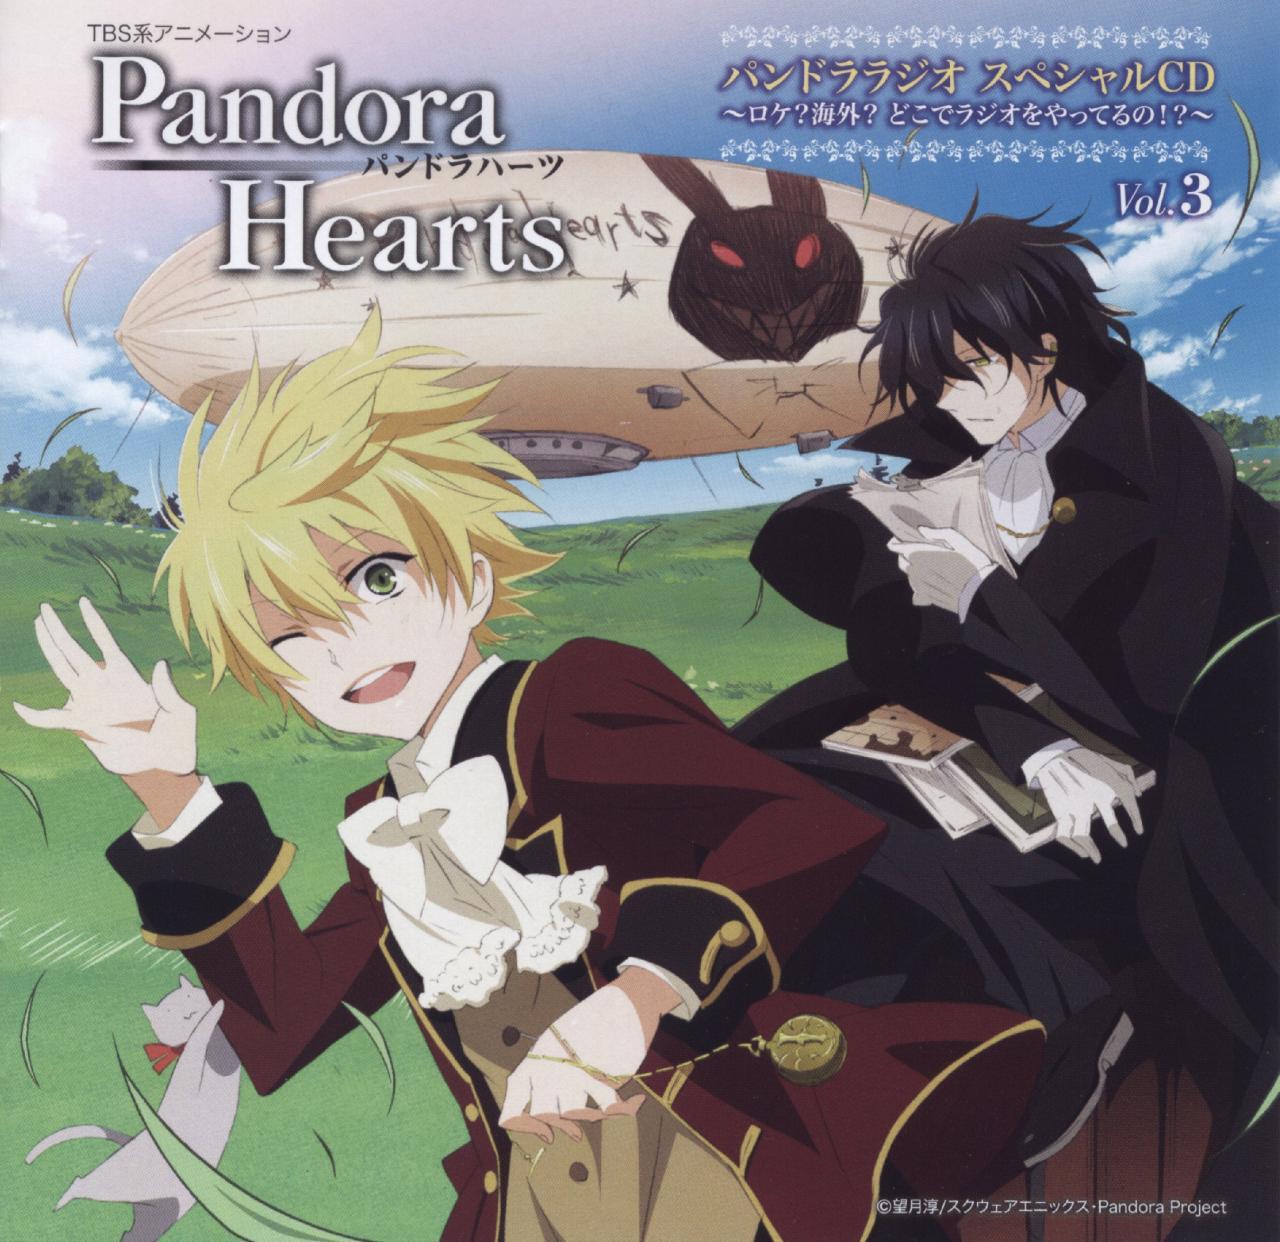 pandorahearts154.jpg